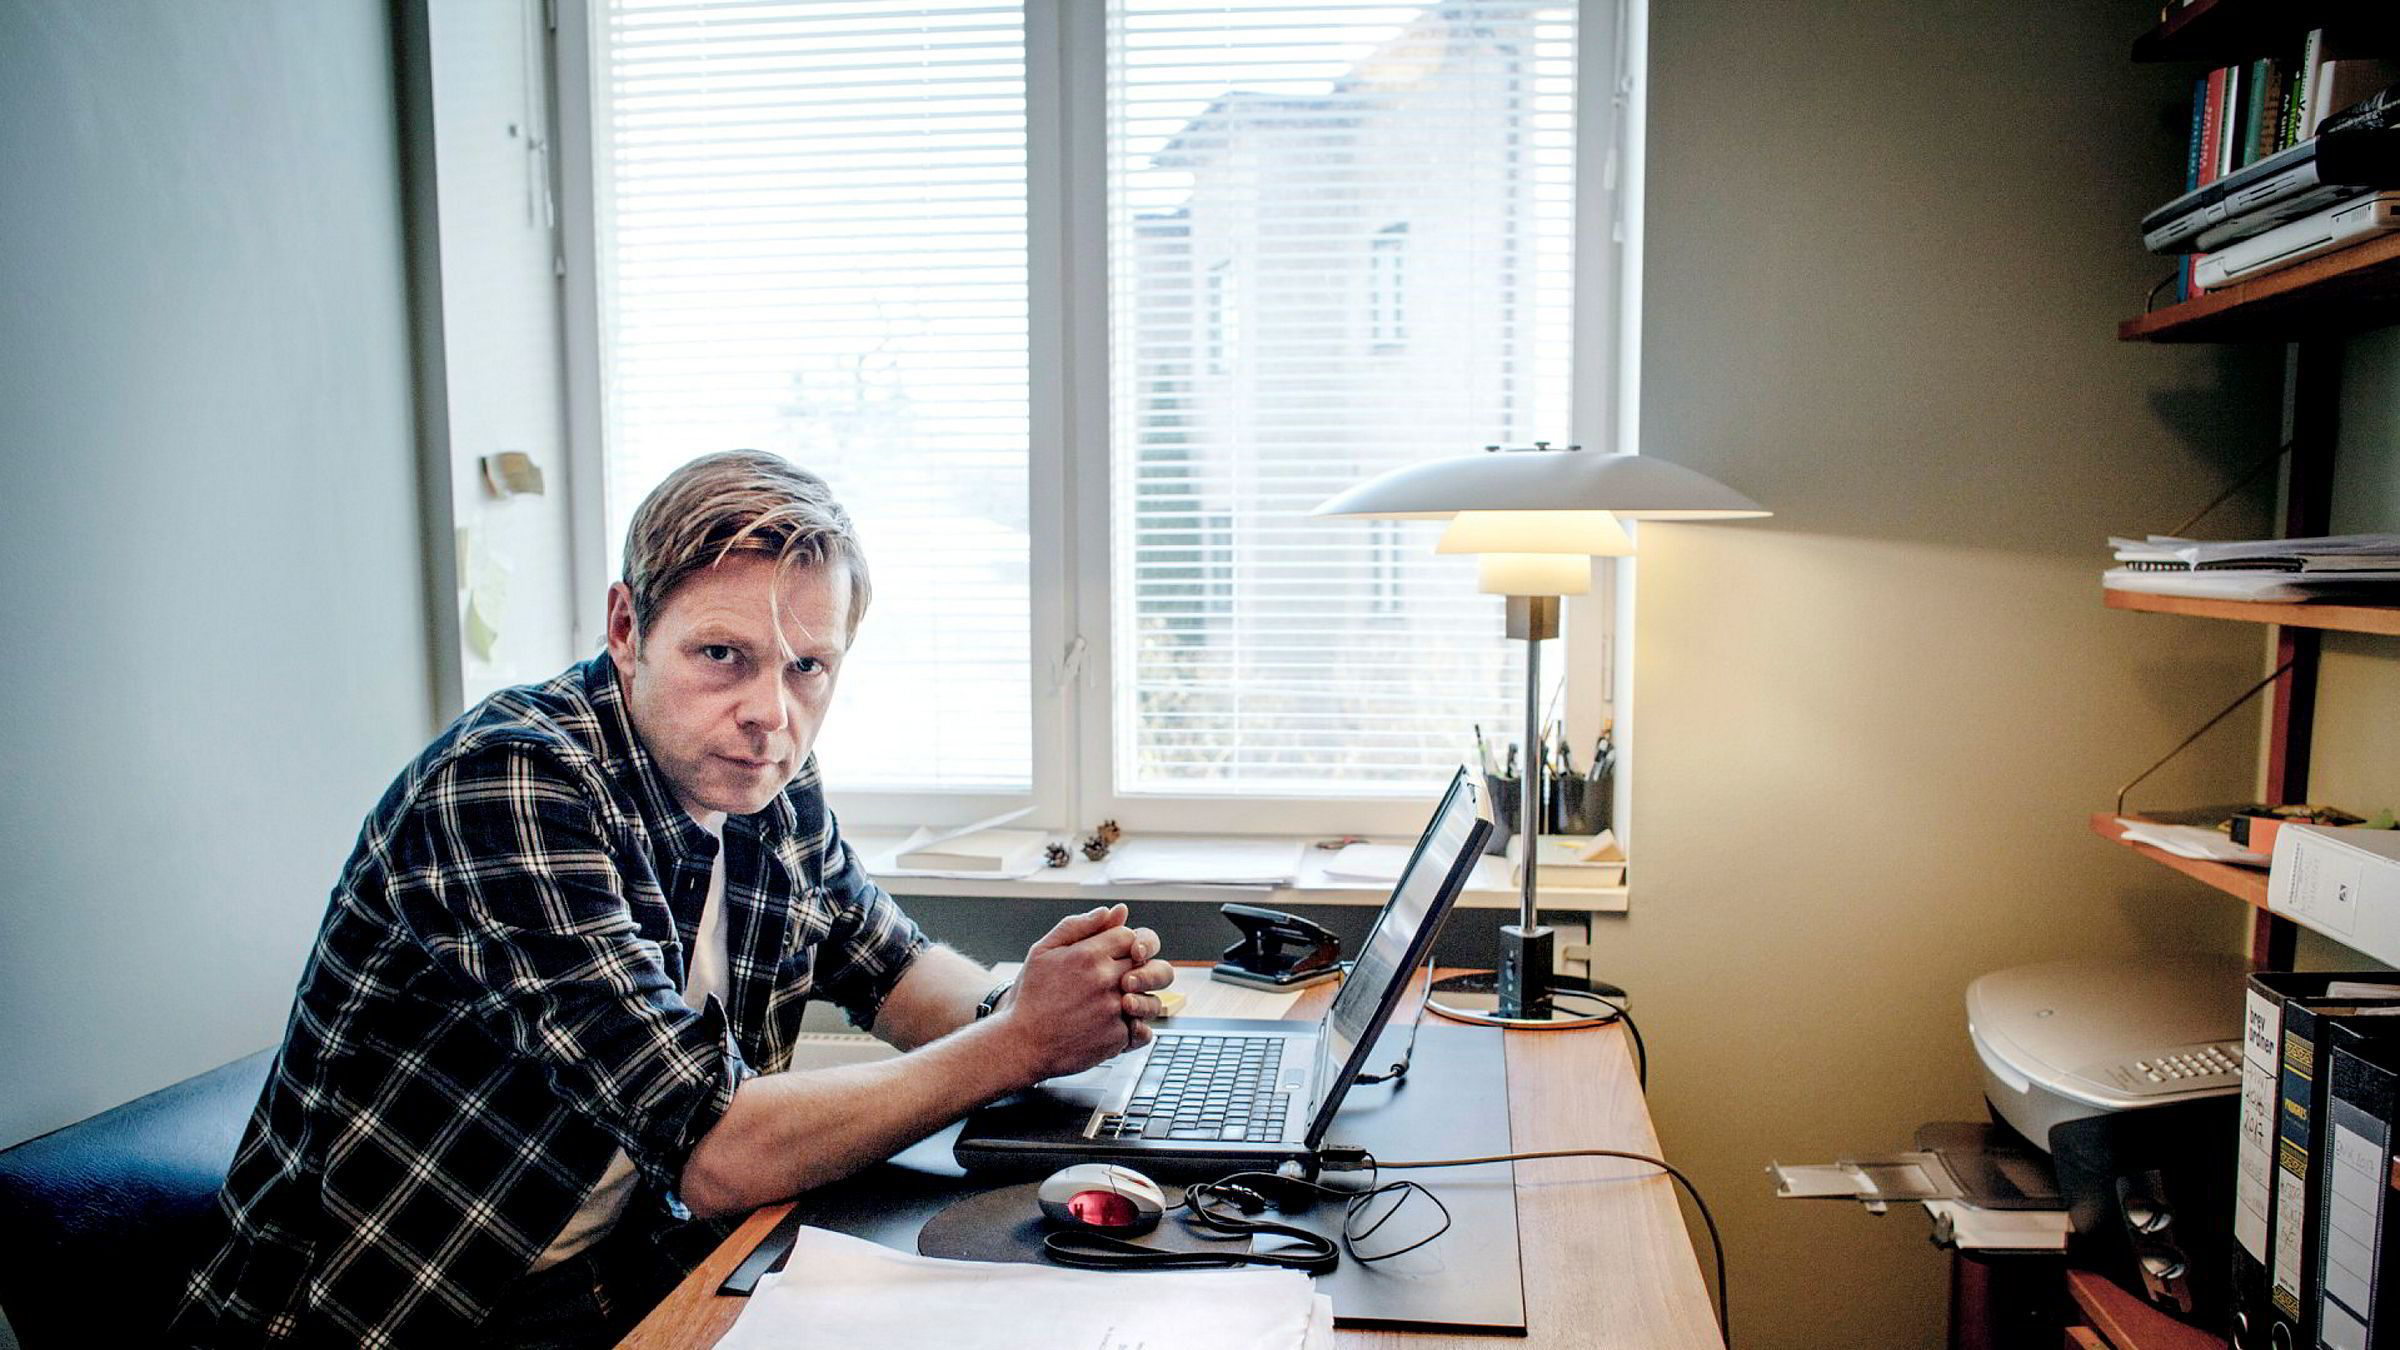 Forfatter Henrik Langeland mener Aker farer med uriktigheter om prosessen frem mot jubileumsboken Aker til slutt valgte ikke å utgi.